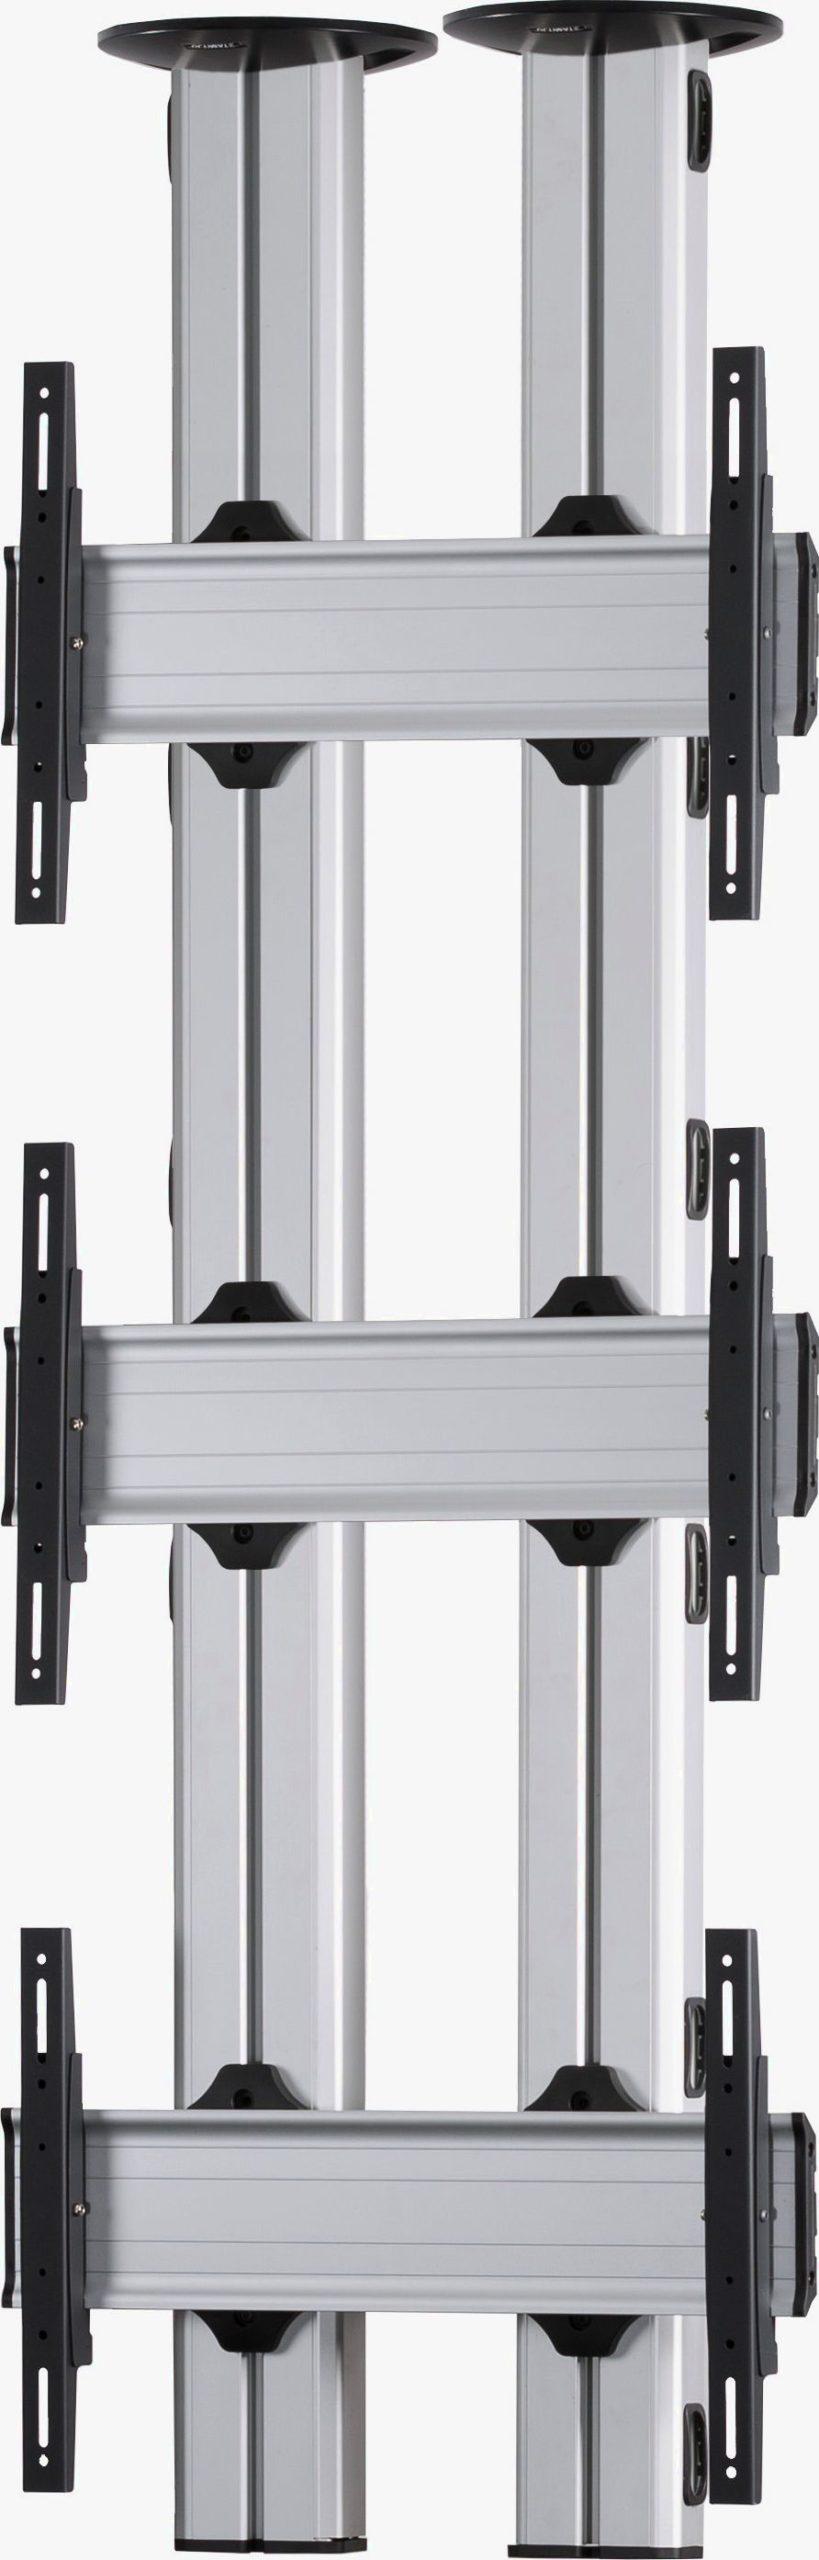 3 Displays 3×1, für große Bildschirme, Standard-VESA, zur Deckenbefestigung